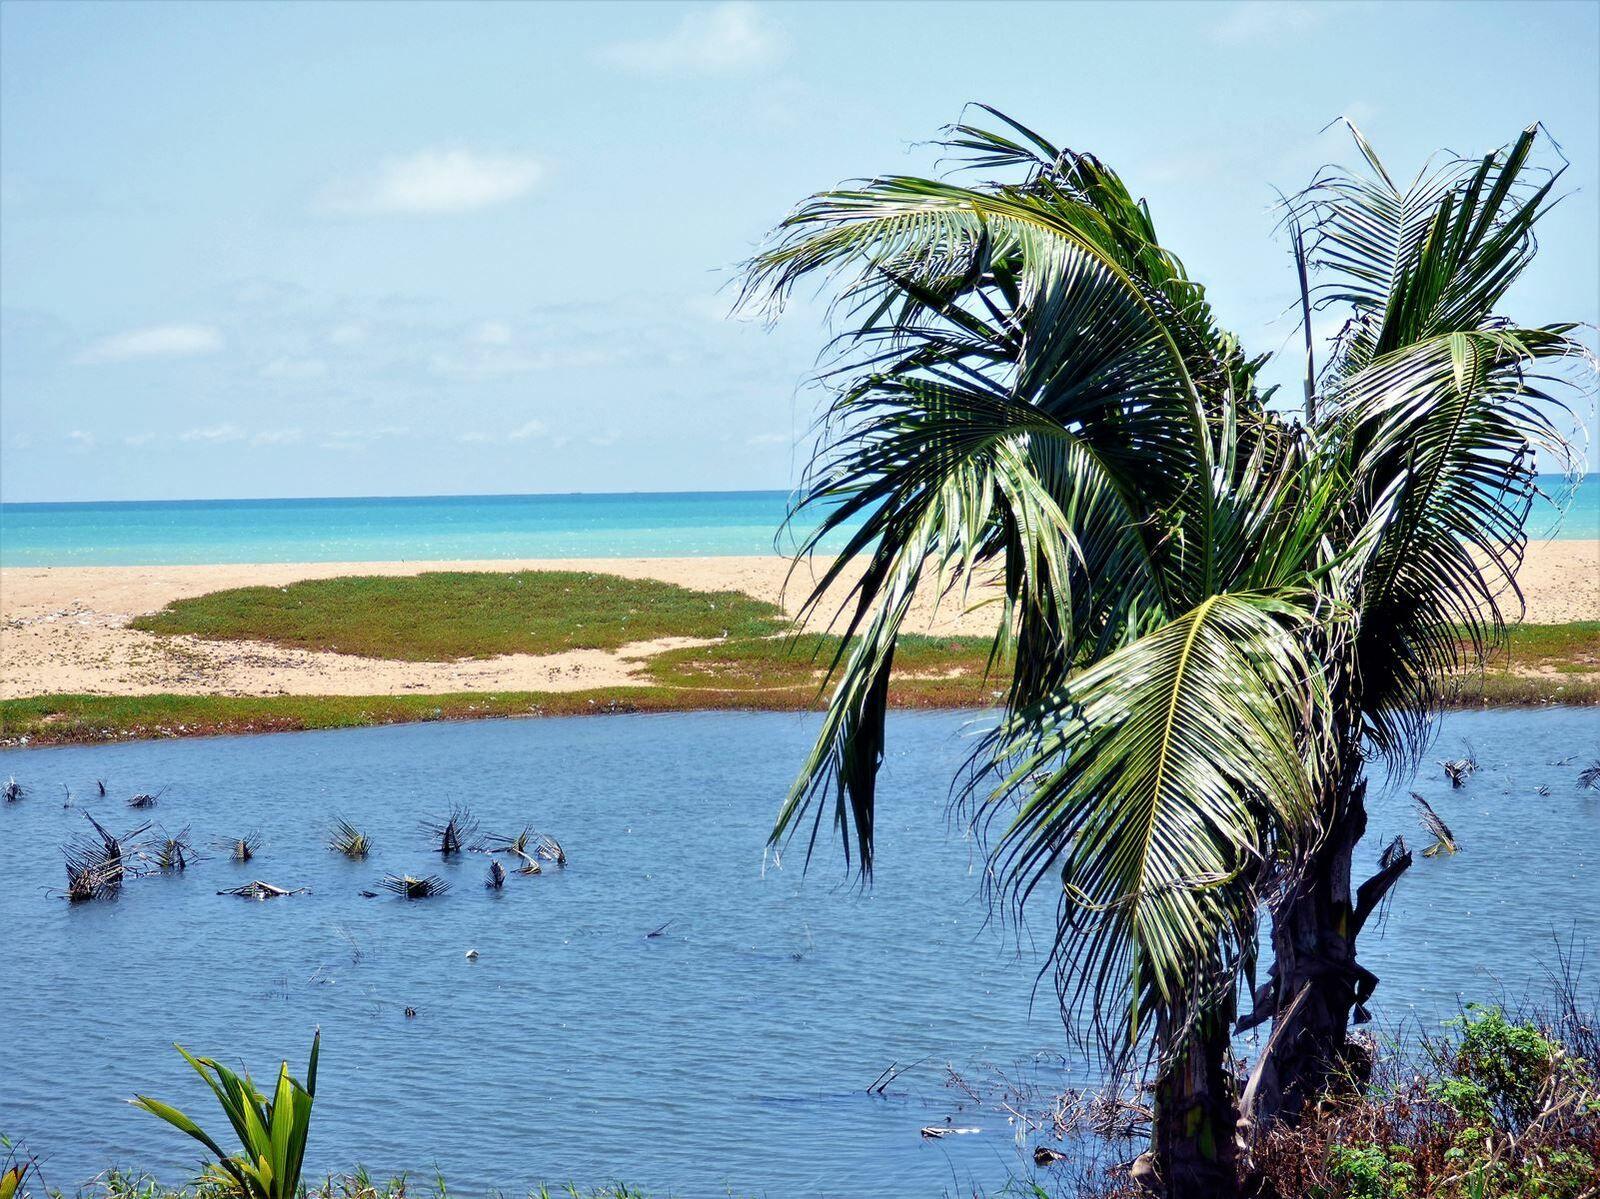 Sur la route vers le Bénin qui longe l'océan.